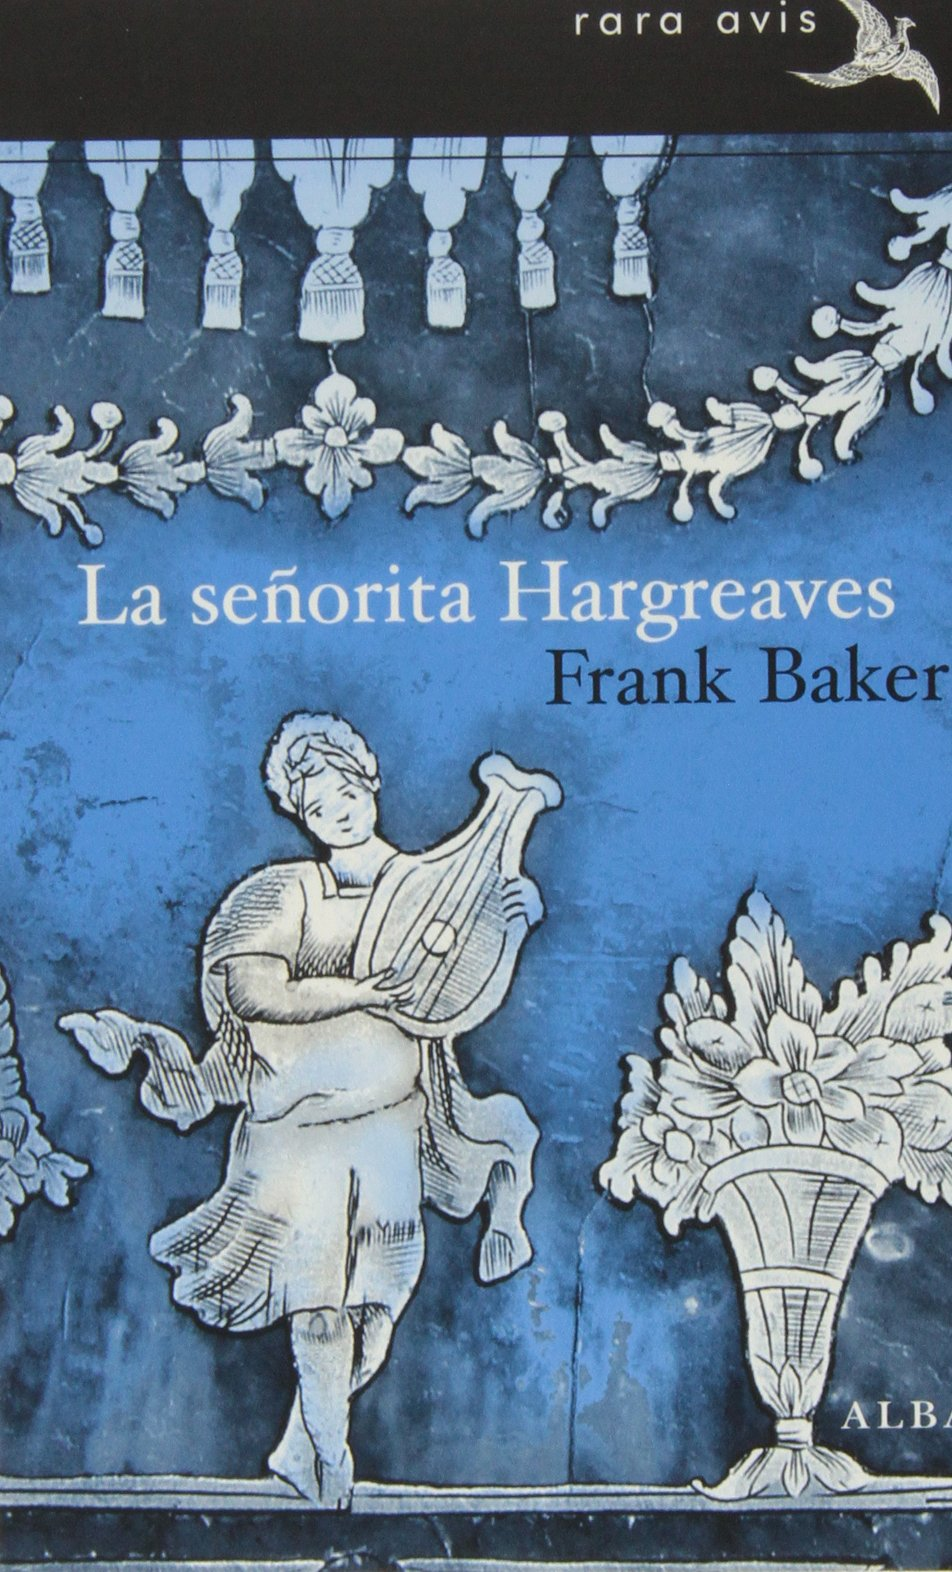 La Señorita Hargreaves (Rara Avis): Amazon.es: Baker, Frank, Vázquez Álvarez, Pilar: Libros